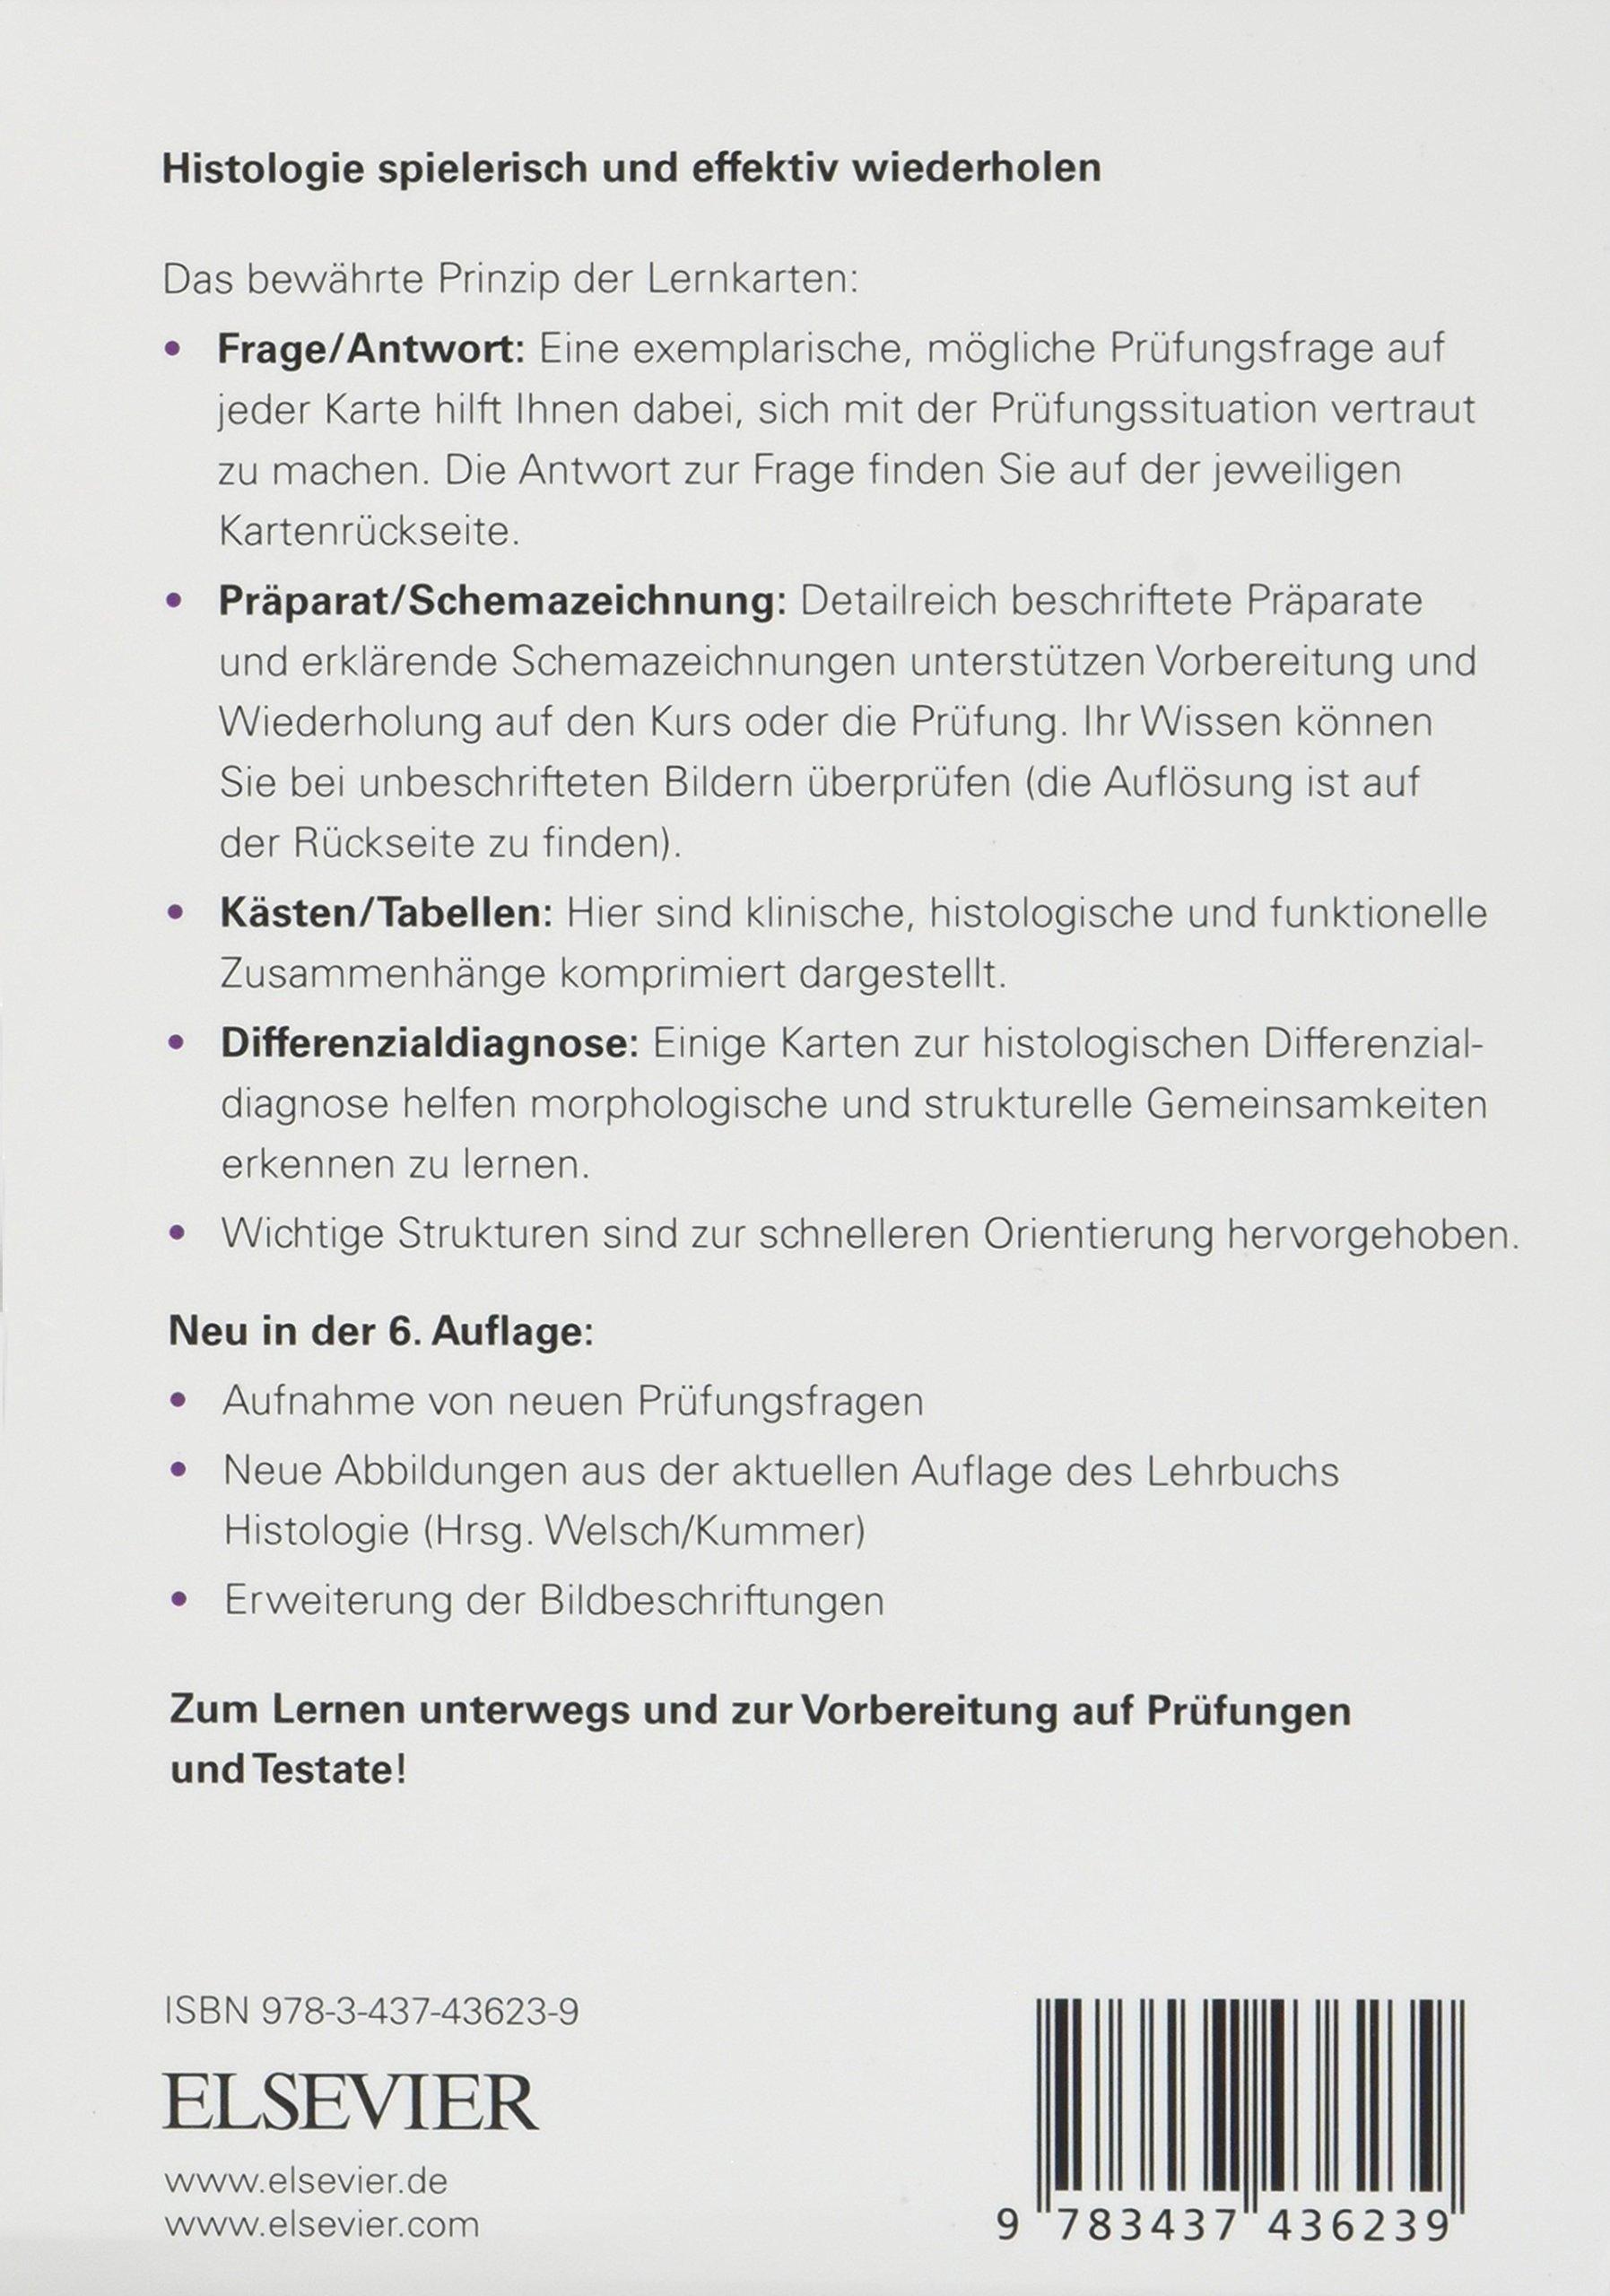 Sobotta Lernkarten Histologie: Amazon.de: Lars Bräuer, Michael ...